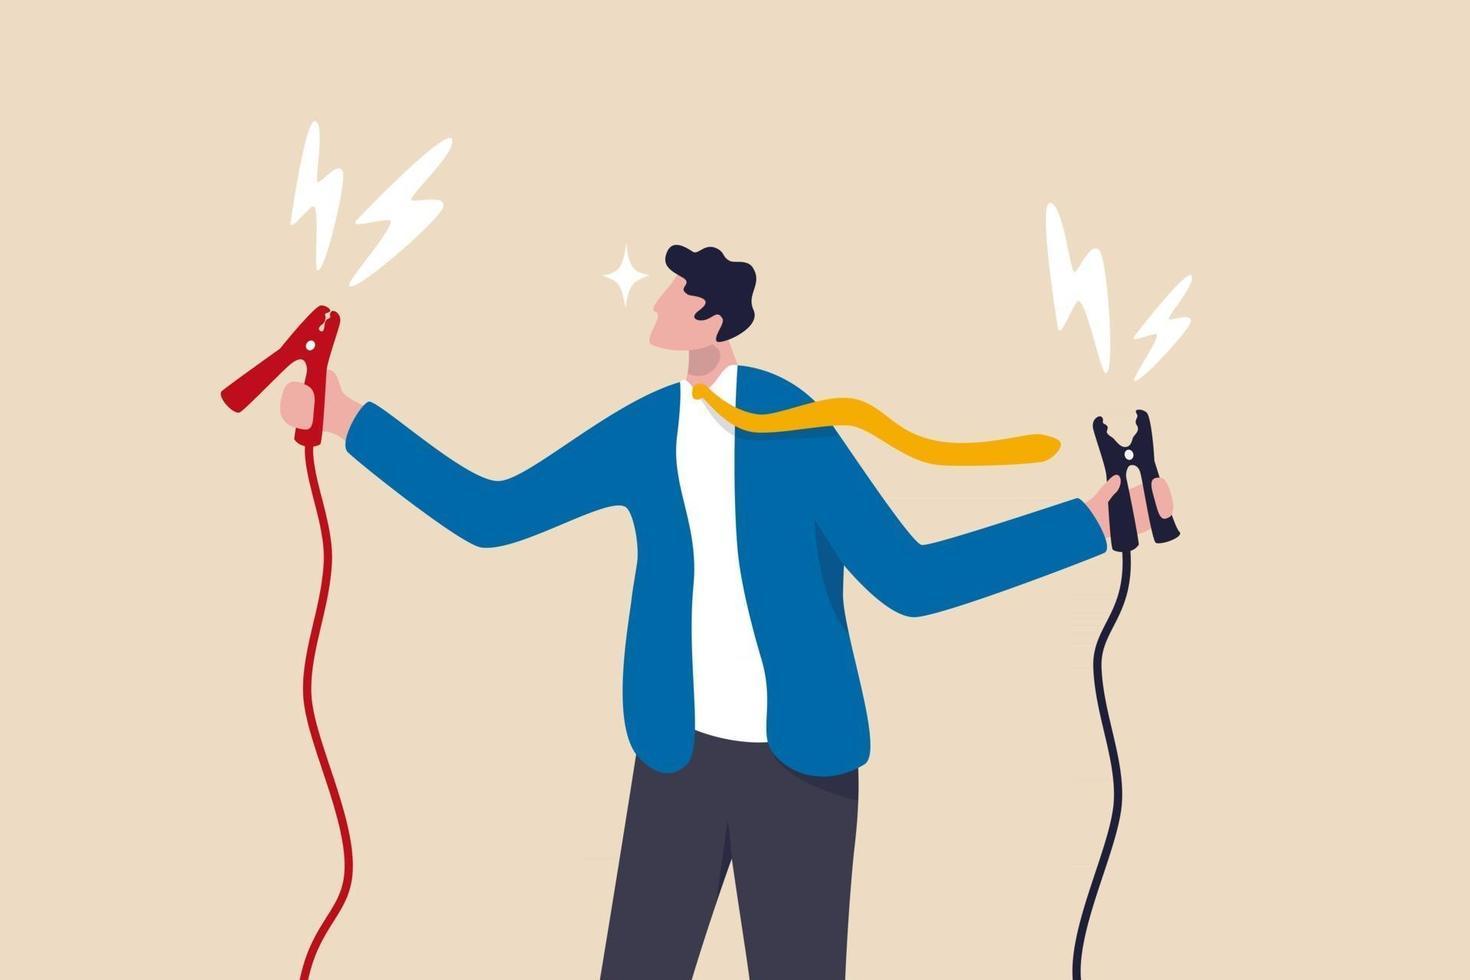 démarrez votre carrière, stimulez ou rechargez la motivation, le coaching ou le mentorat pour gagner un concept cible d'entreprise, un homme d'affaires joyeux tenant un cavalier de batterie à haute énergie prêt à démarrer l'employé. vecteur